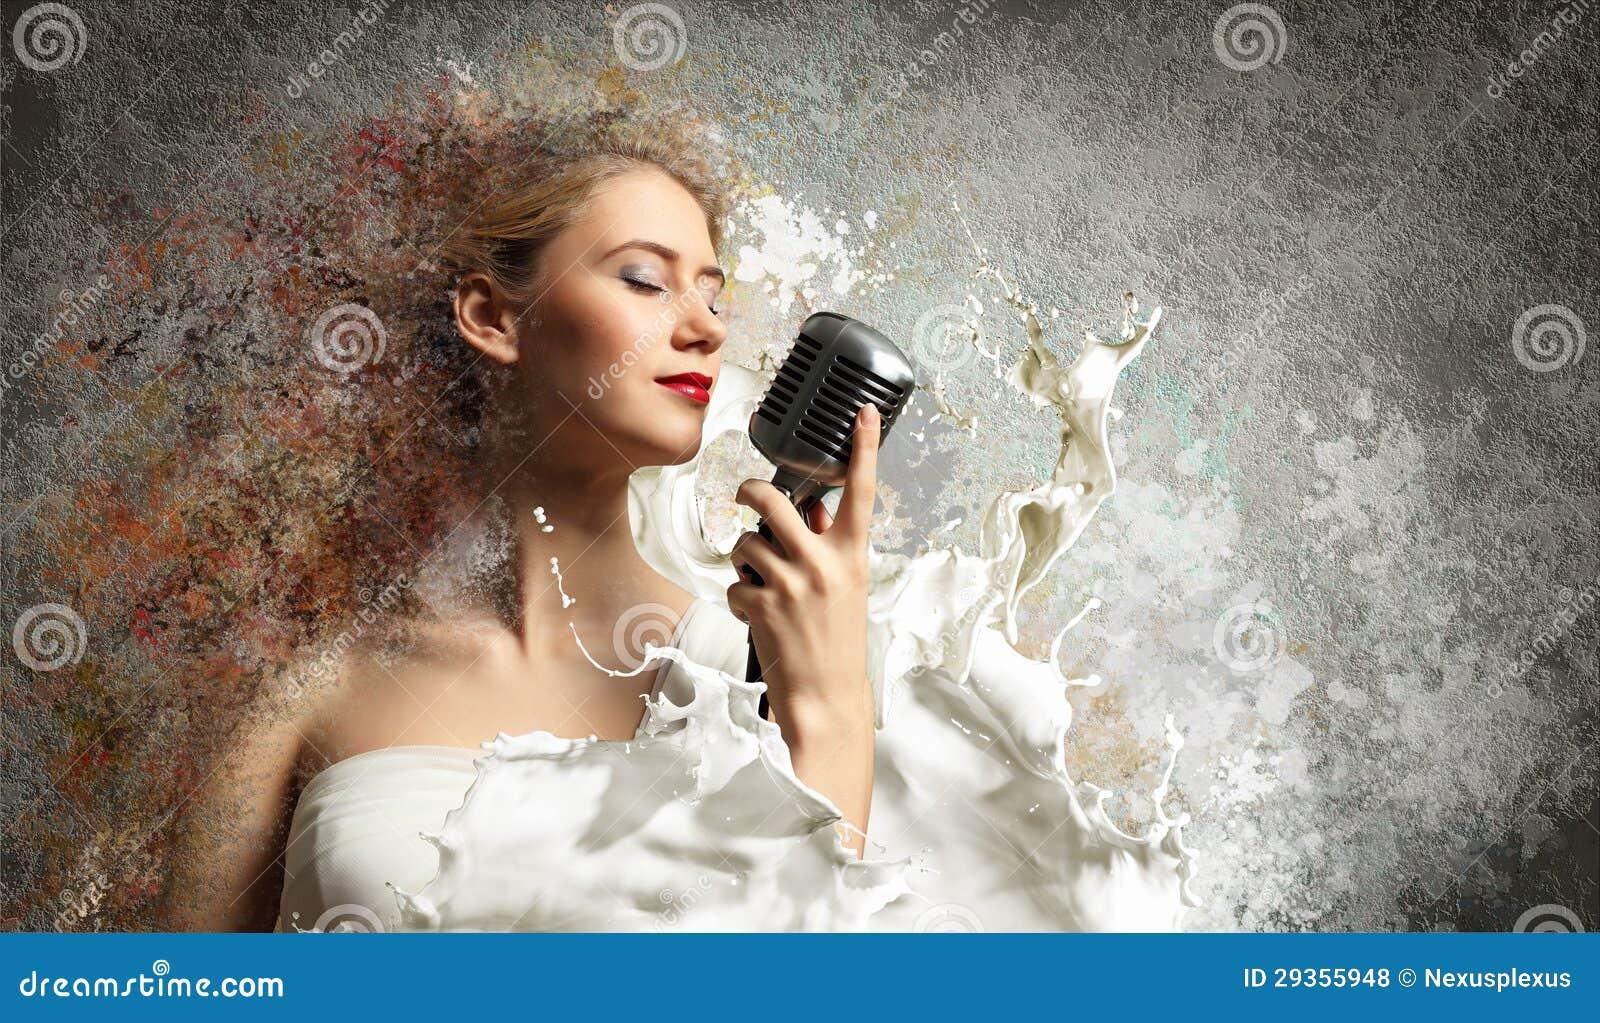 Cantante rubio de sexo femenino